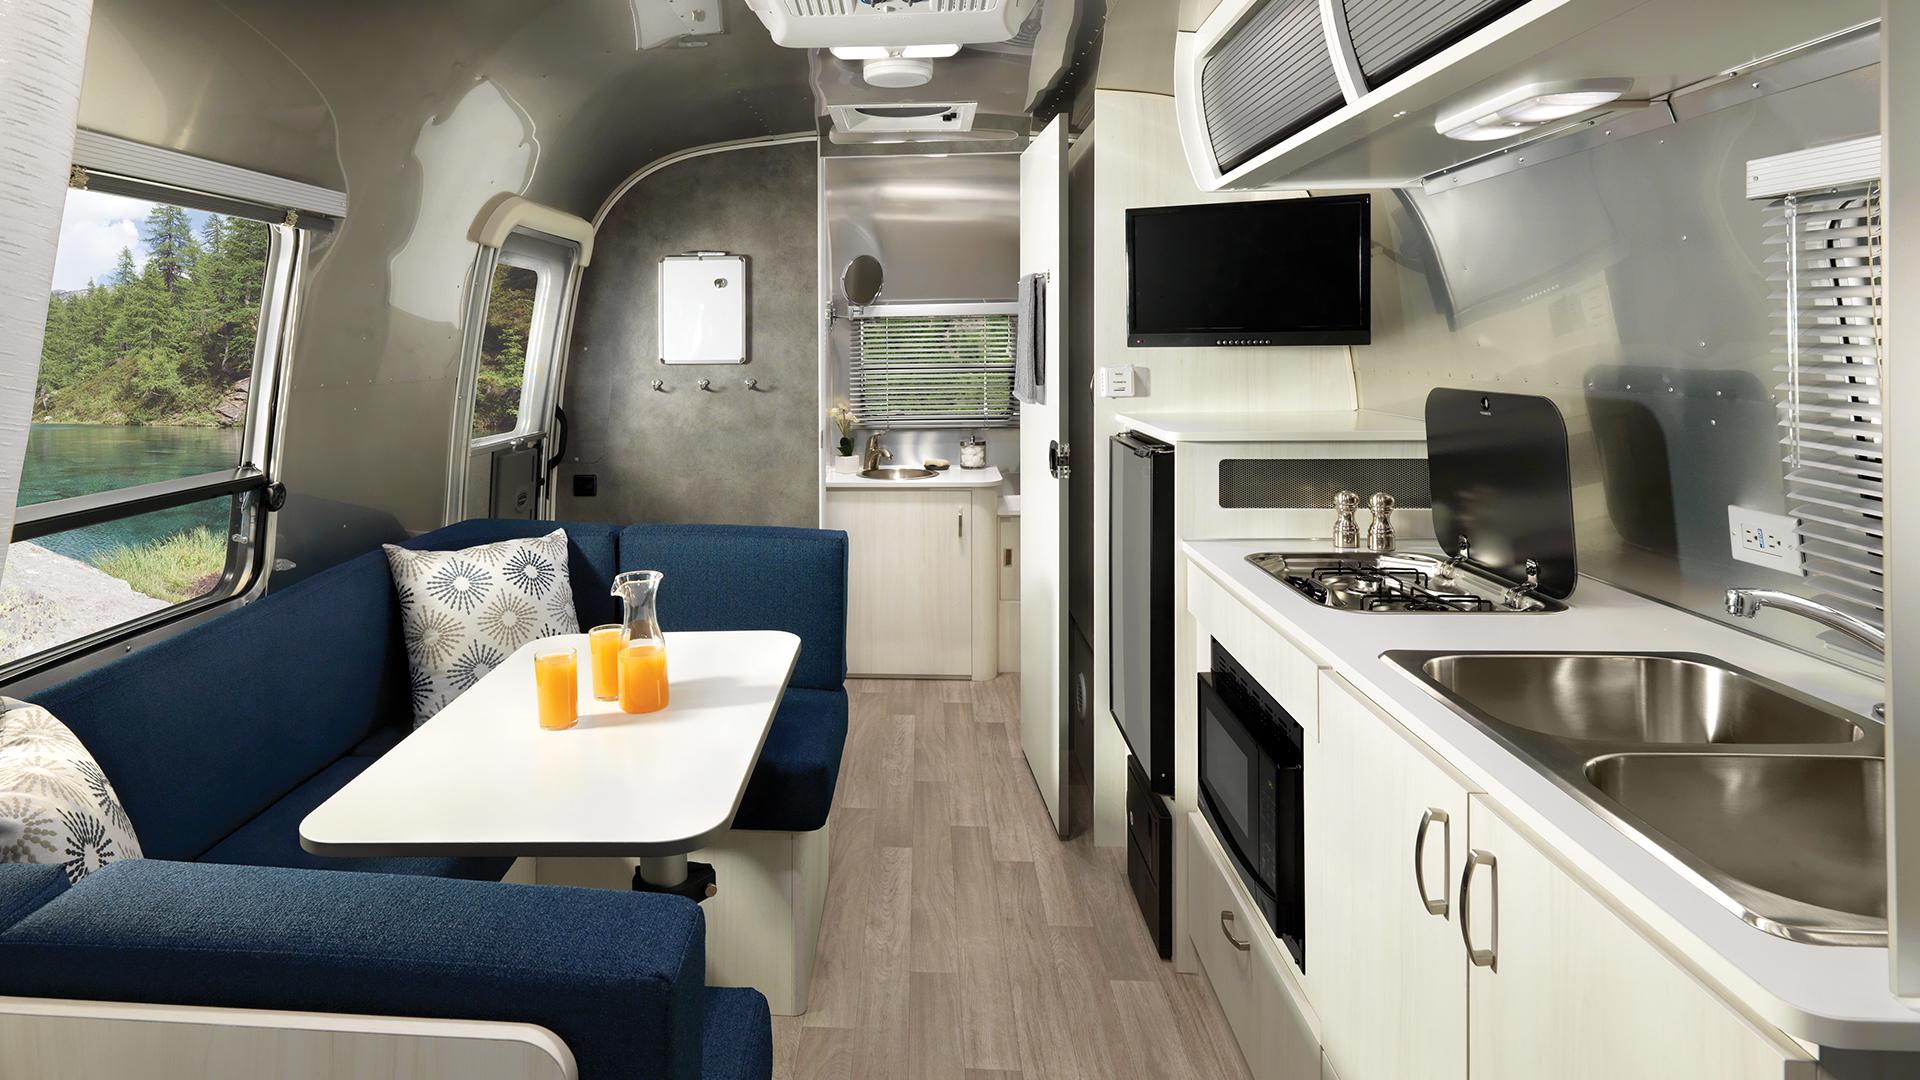 Airstream Bambi Ocean 22FB Interior